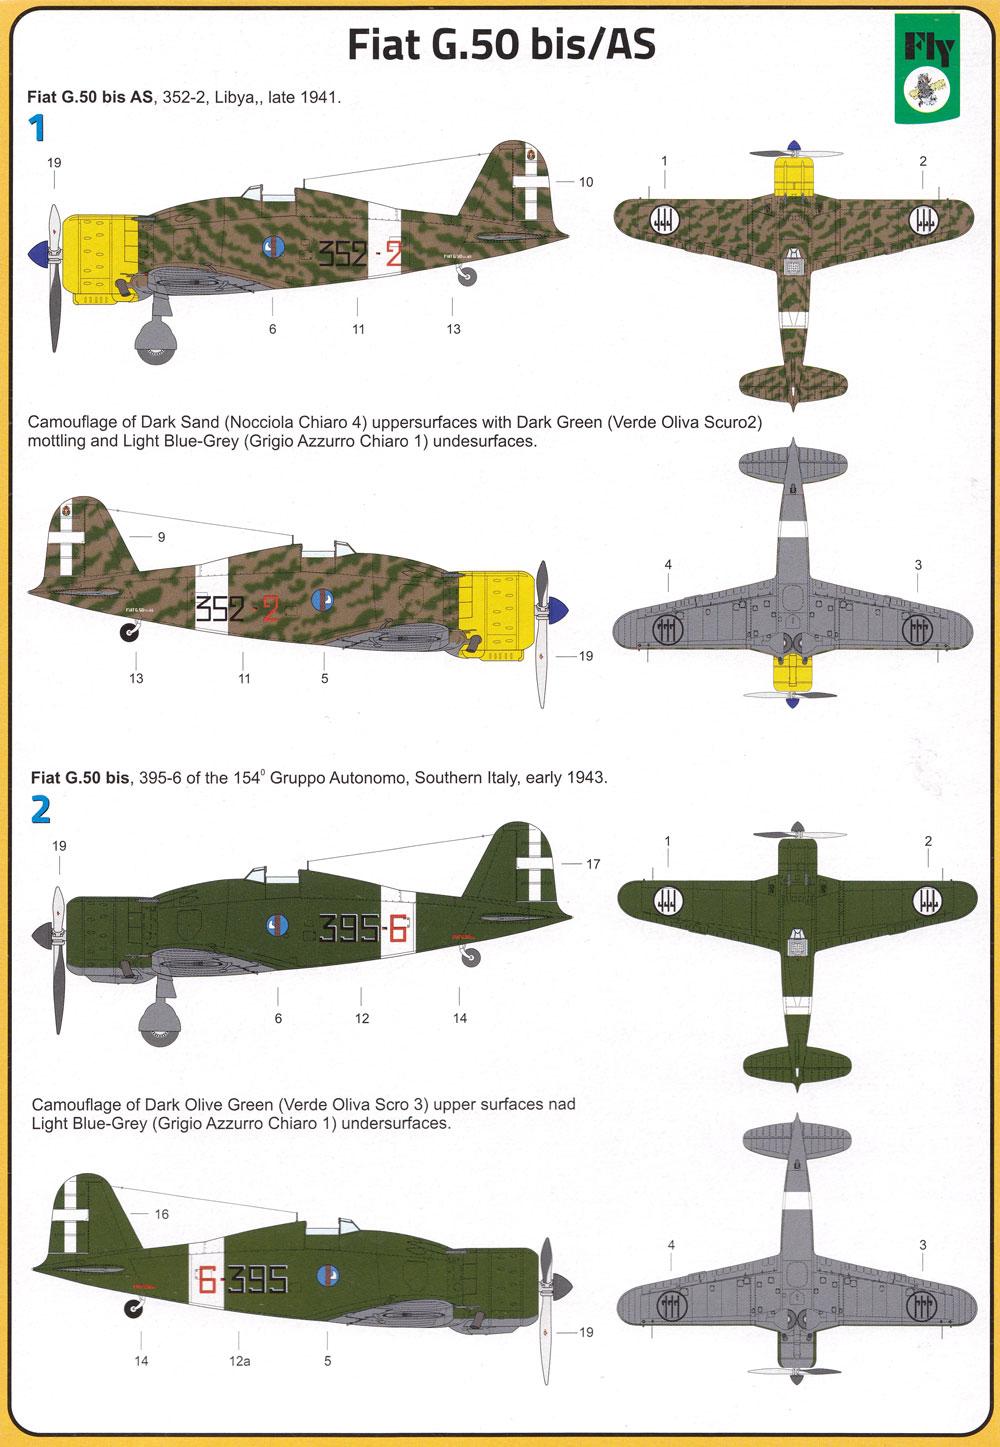 フィアット G.50 bis/ASプラモデル(フライ1/72 エアクラフト プラモデルNo.72049)商品画像_1